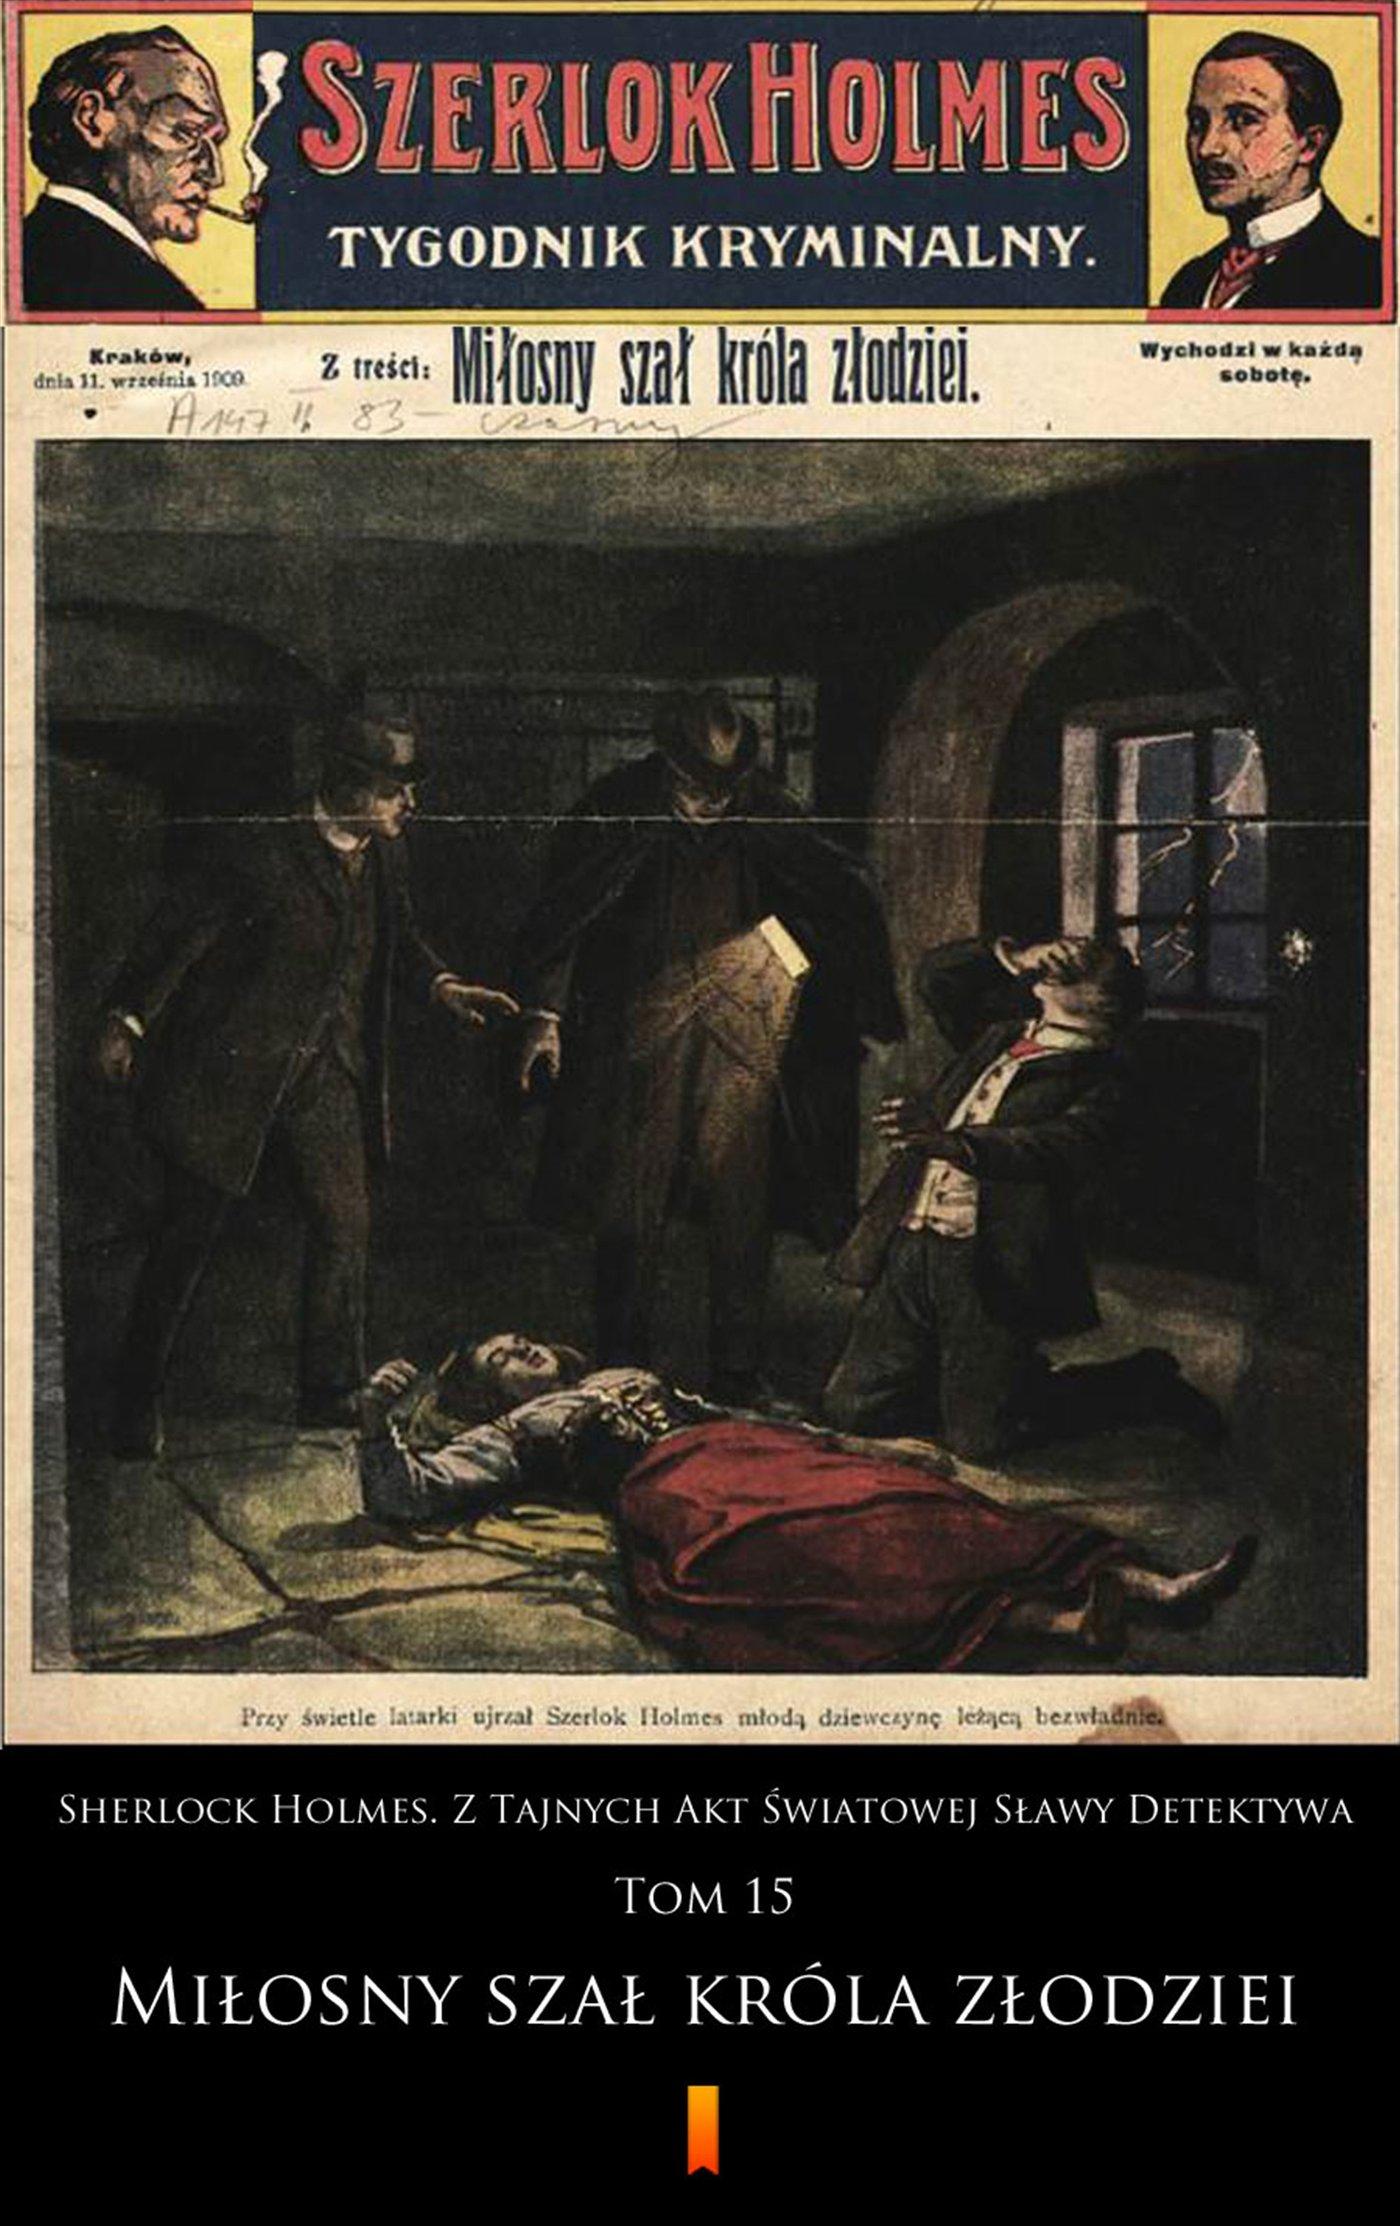 Sherlock Holmes. Z Tajnych Akt Światowej Sławy Detektywa. Tom 15 - Ebook (Książka EPUB) do pobrania w formacie EPUB